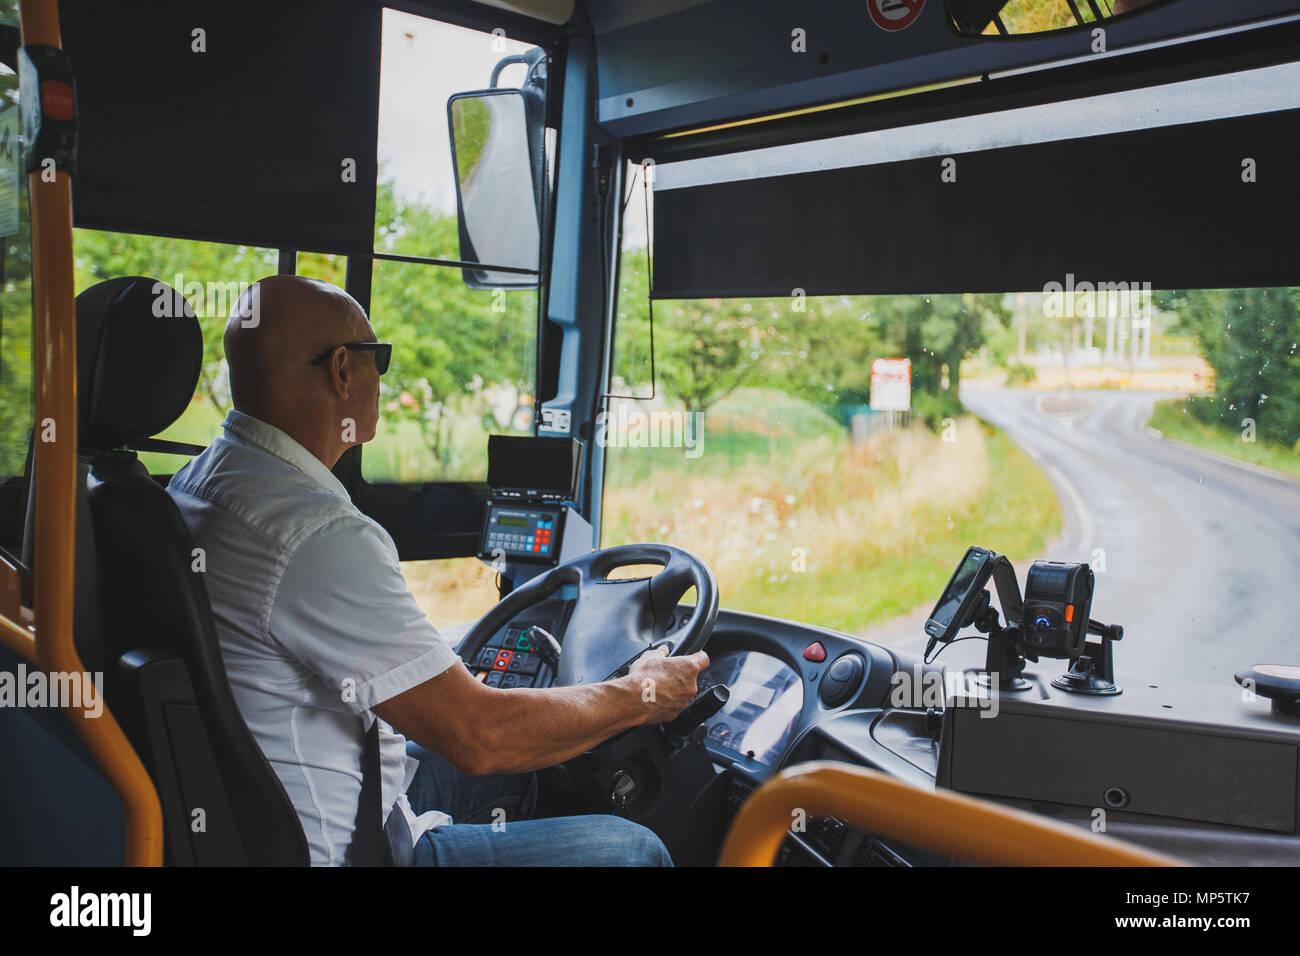 Il tema è la professione del conducente e del passeggero del trasporto. Un uomo in occhiali da sole una guida turistica bus regionale nella regione della Francia di Foto Stock